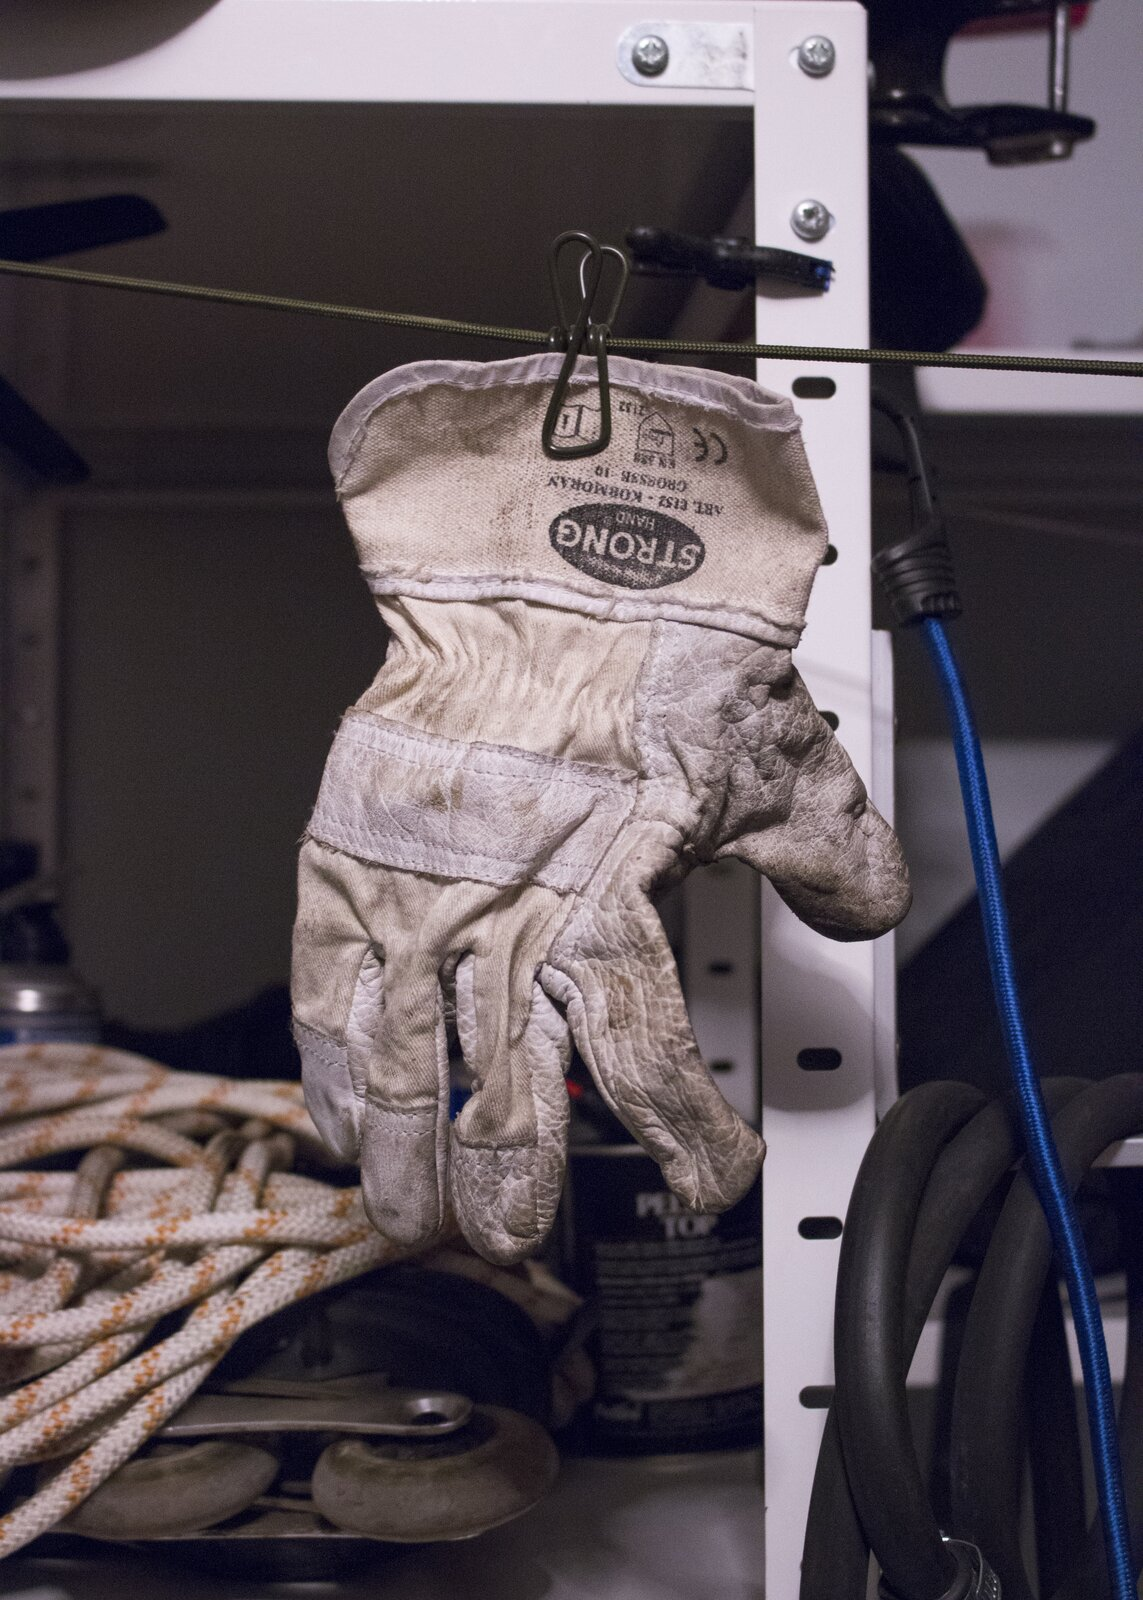 """Ilustracja przedstawia fotografię """"Rękawiczka"""". Na zdjęciu ukazana jest podniszczona rękawica robocza zawieszona na zielonej linie. Wtle znajduje się fragment regału zpółkami na których leżą liny, puszki, wąż gumowy, niebieski kabel oraz metalowe narzędzia."""